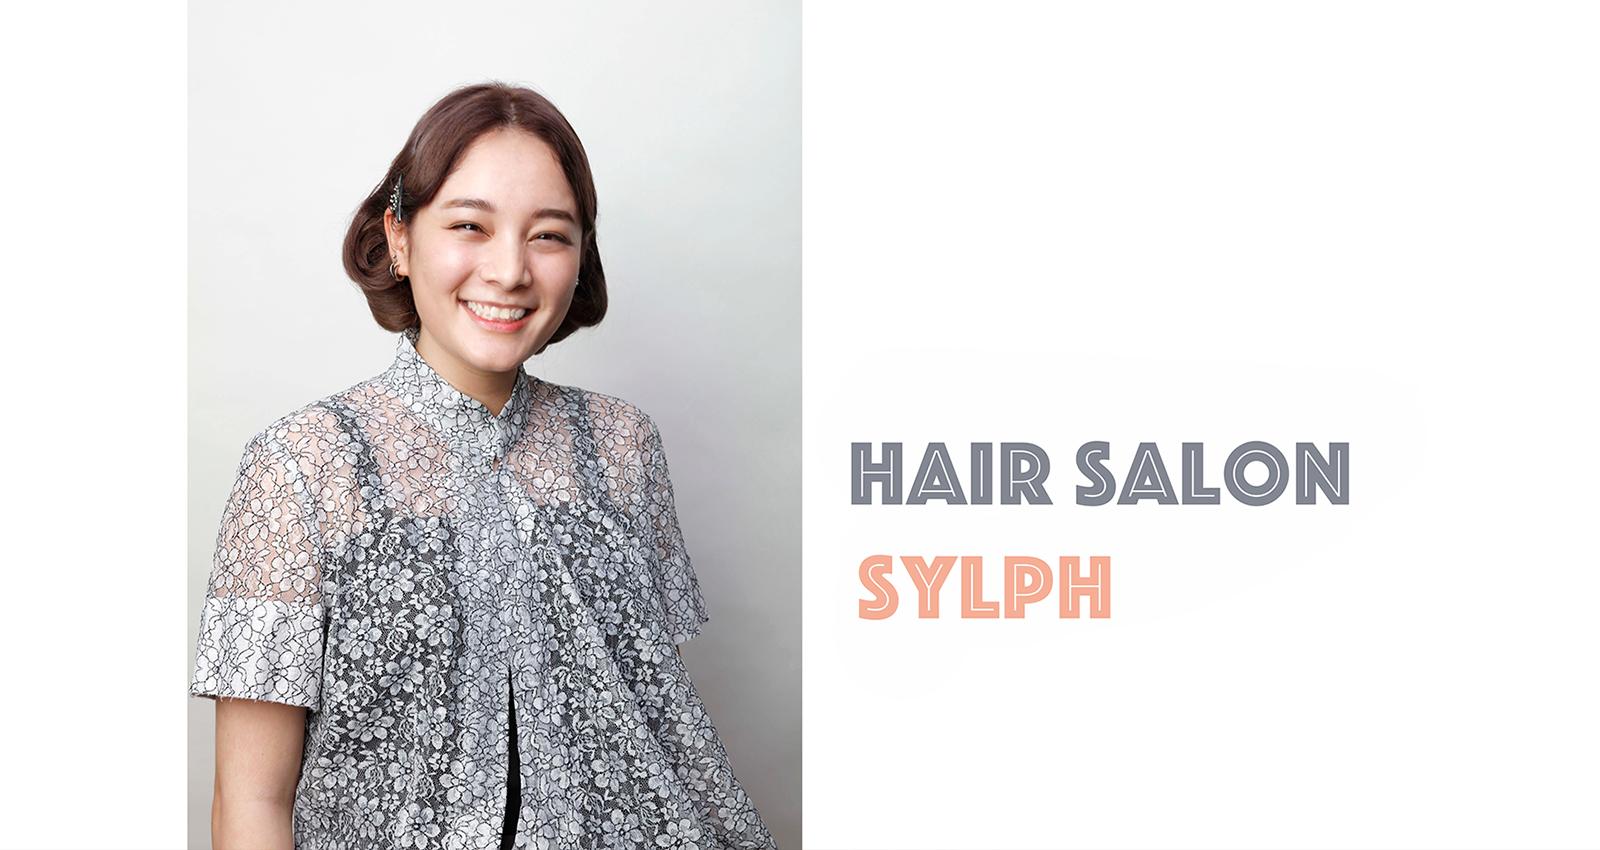 Hair Salon Sylph